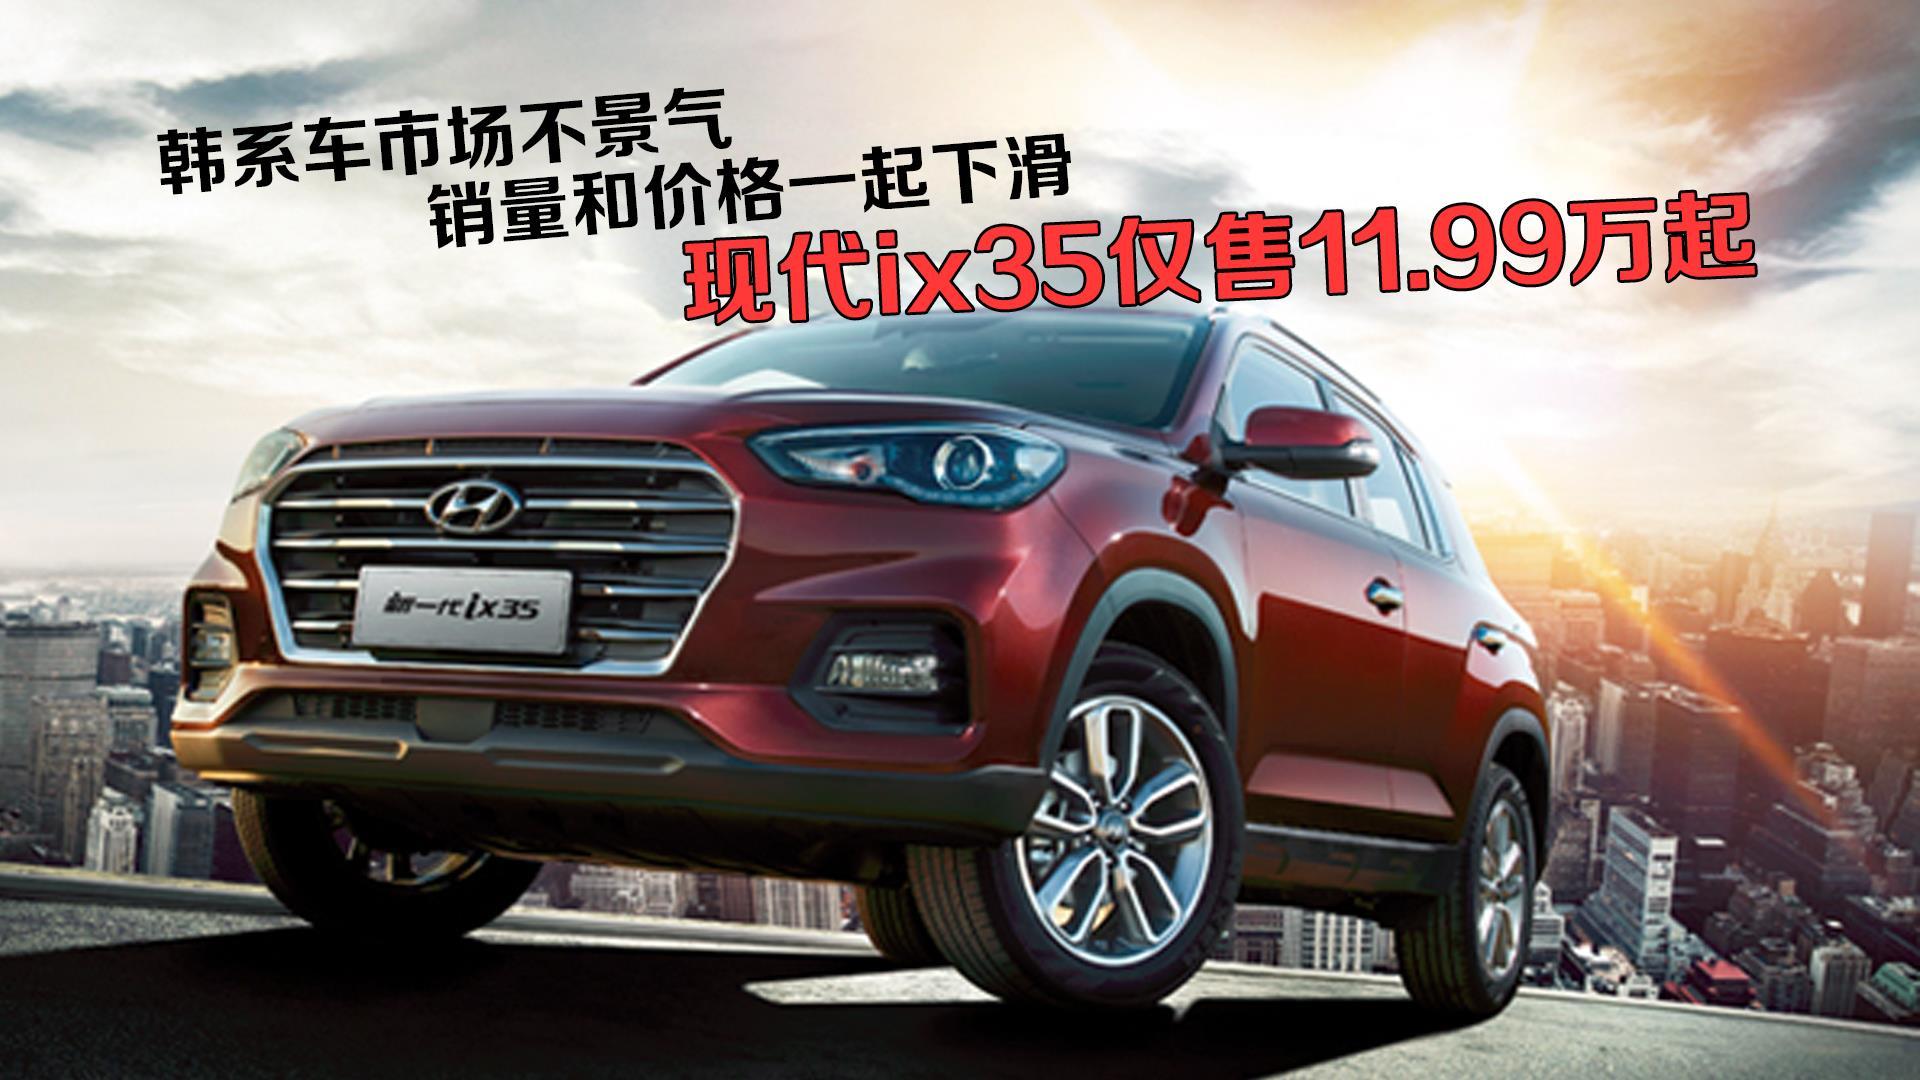 韩系车市场不景气 销量和价格一起下滑 现代ix3